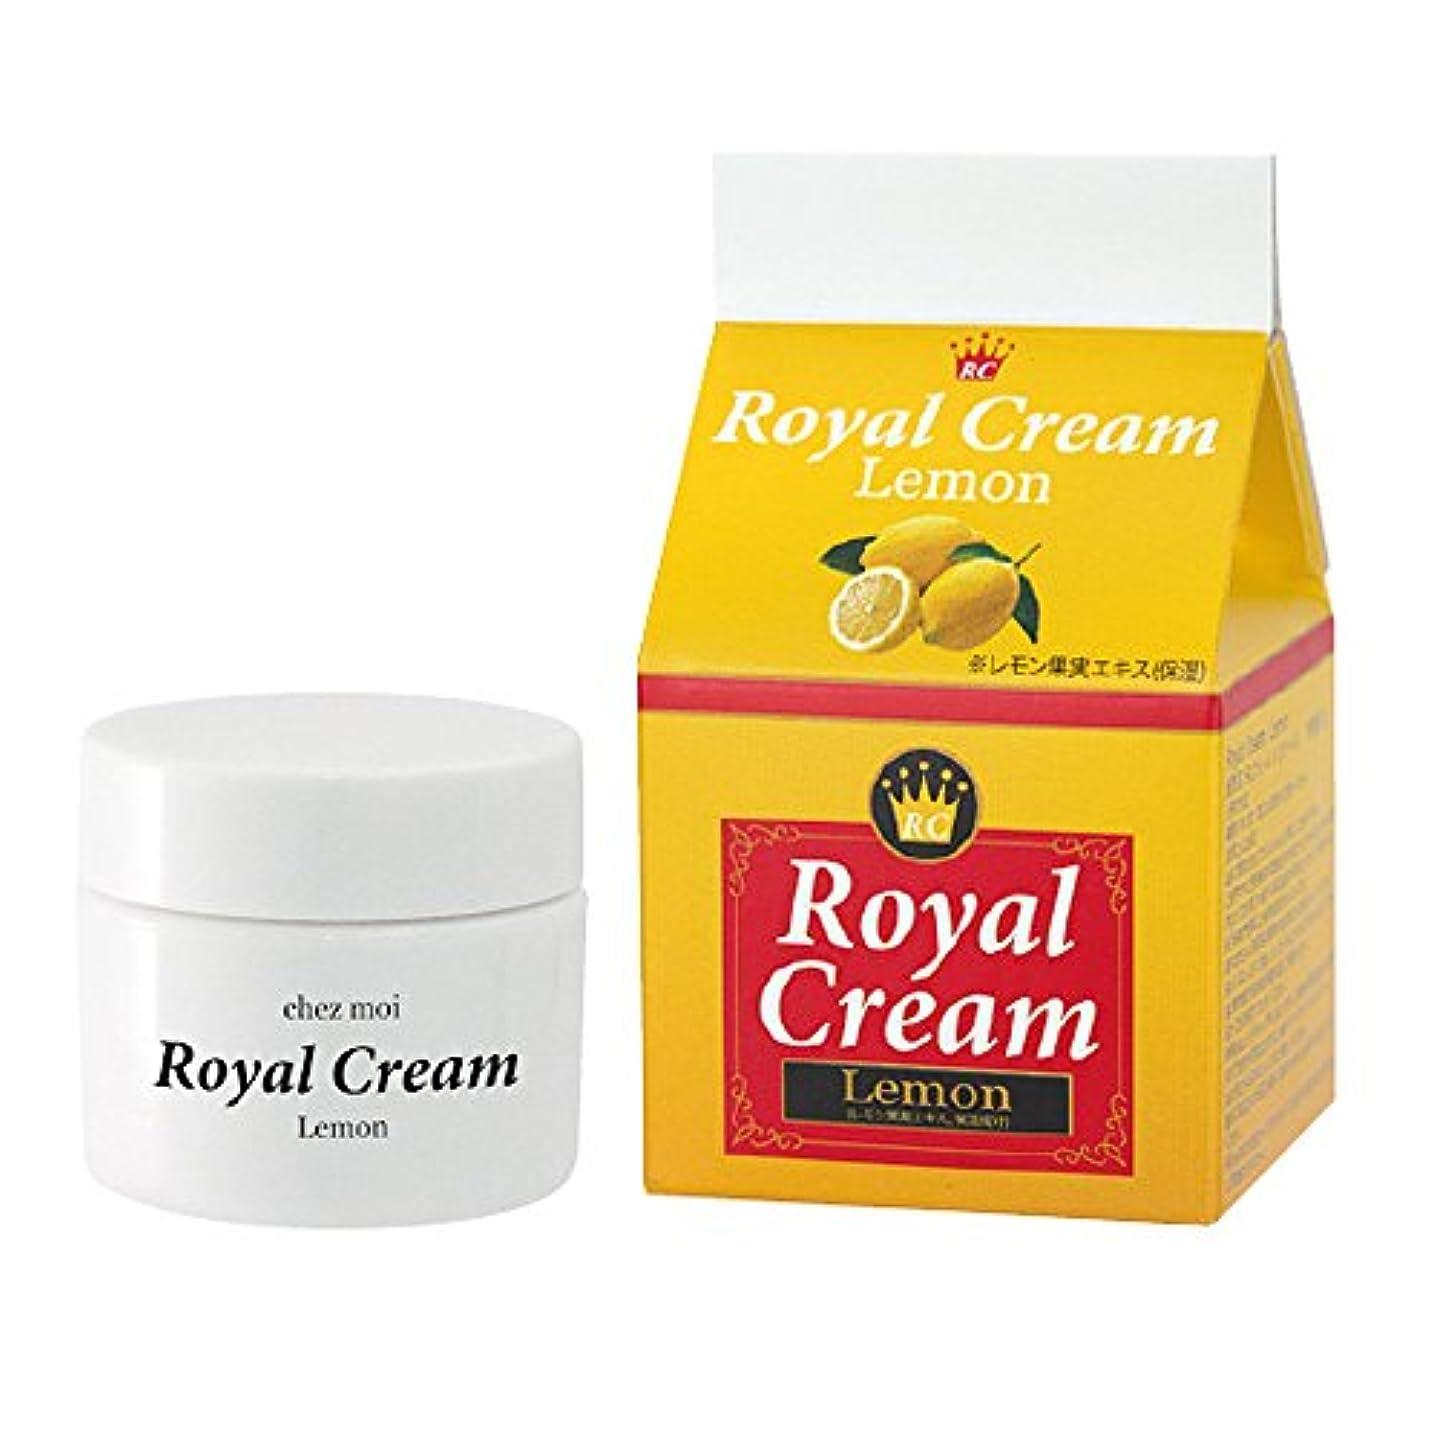 望まない宿泊施設推測シェモア Royal Cream Lemon(ロイヤルクリームレモン) 30g